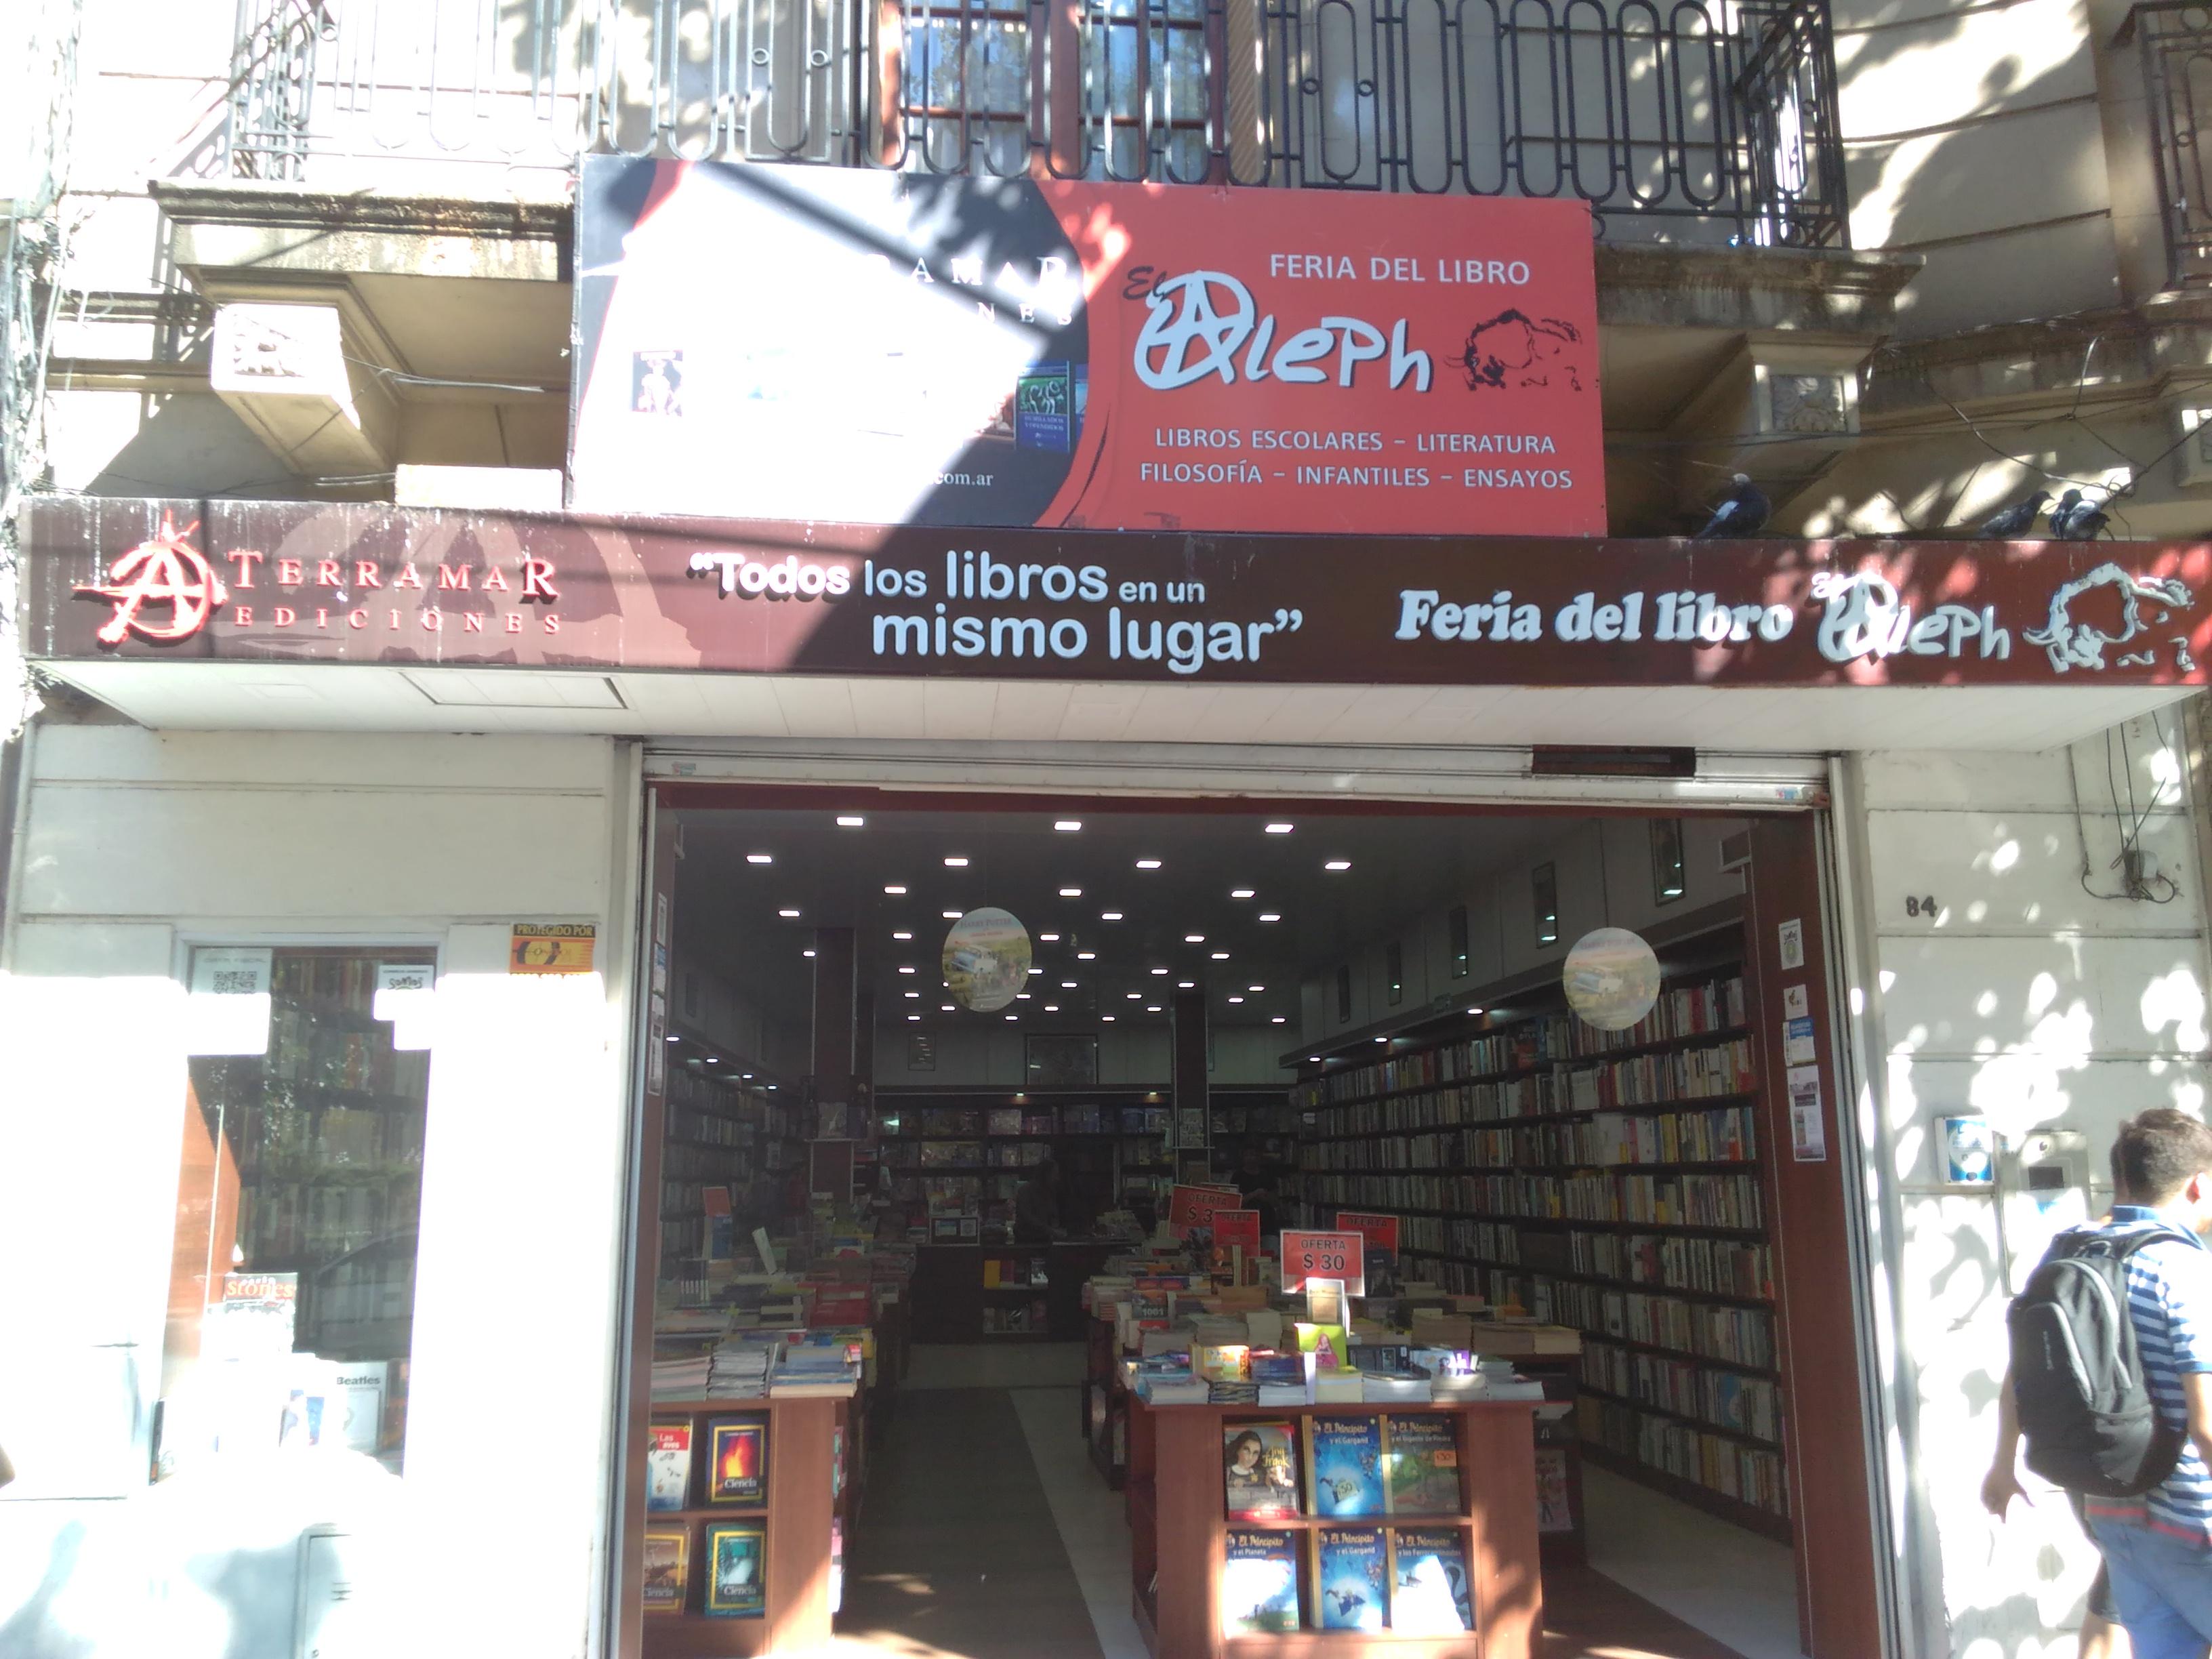 El Aleph 2 - Feria del Libro de El Aleph Sucursal Avellaneda